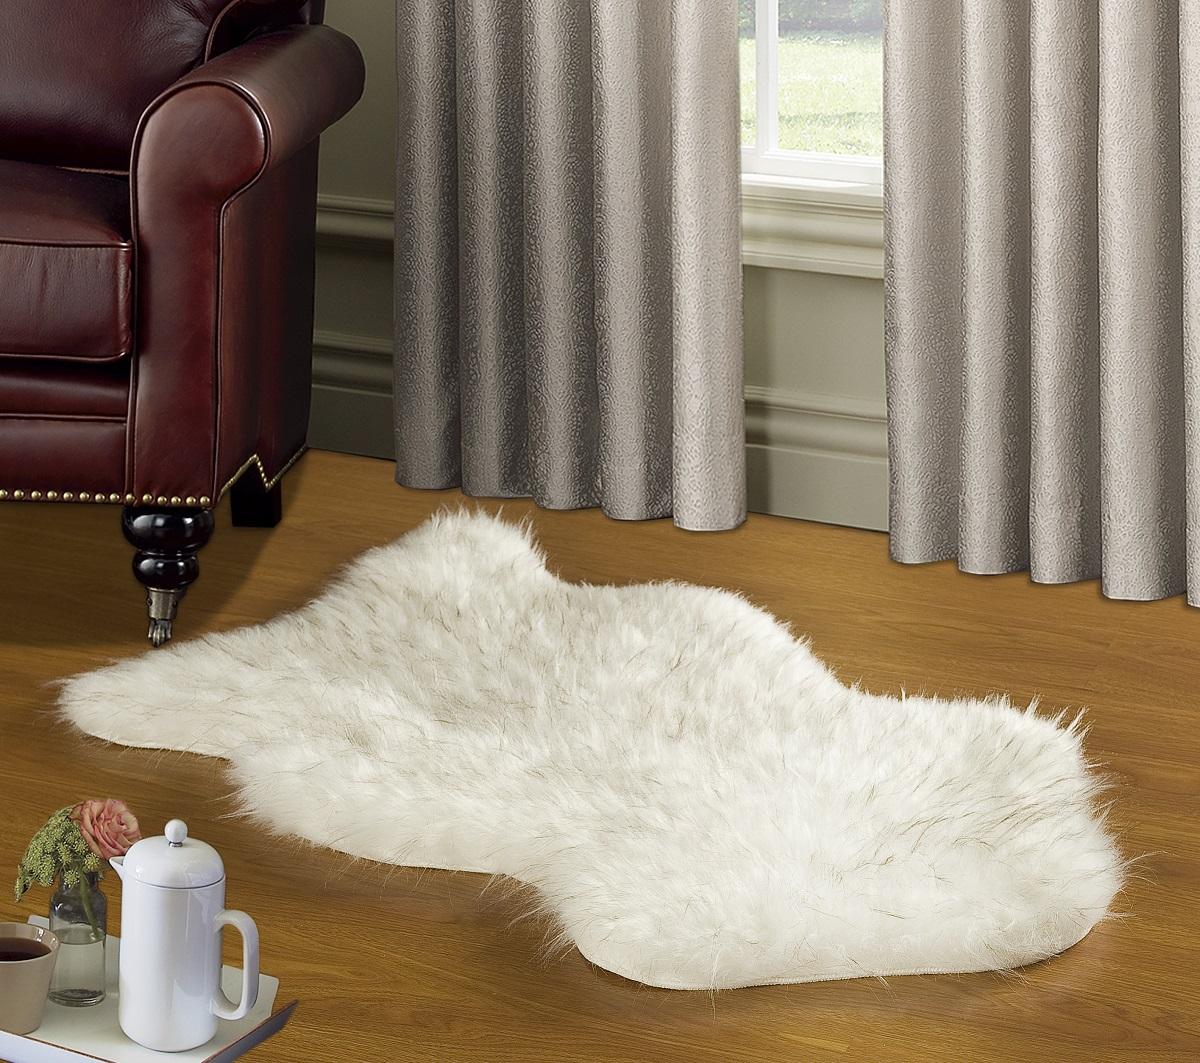 Коврик Modalin Manal, цвет: белый, 50 х 90 см5006/CHAR003Коврик Modalin Manal выполнен из искусственного меха. Изделие долго прослужит в вашем доме, добавляя тепло и уют, а также внесет неповторимый колорит в интерьер.